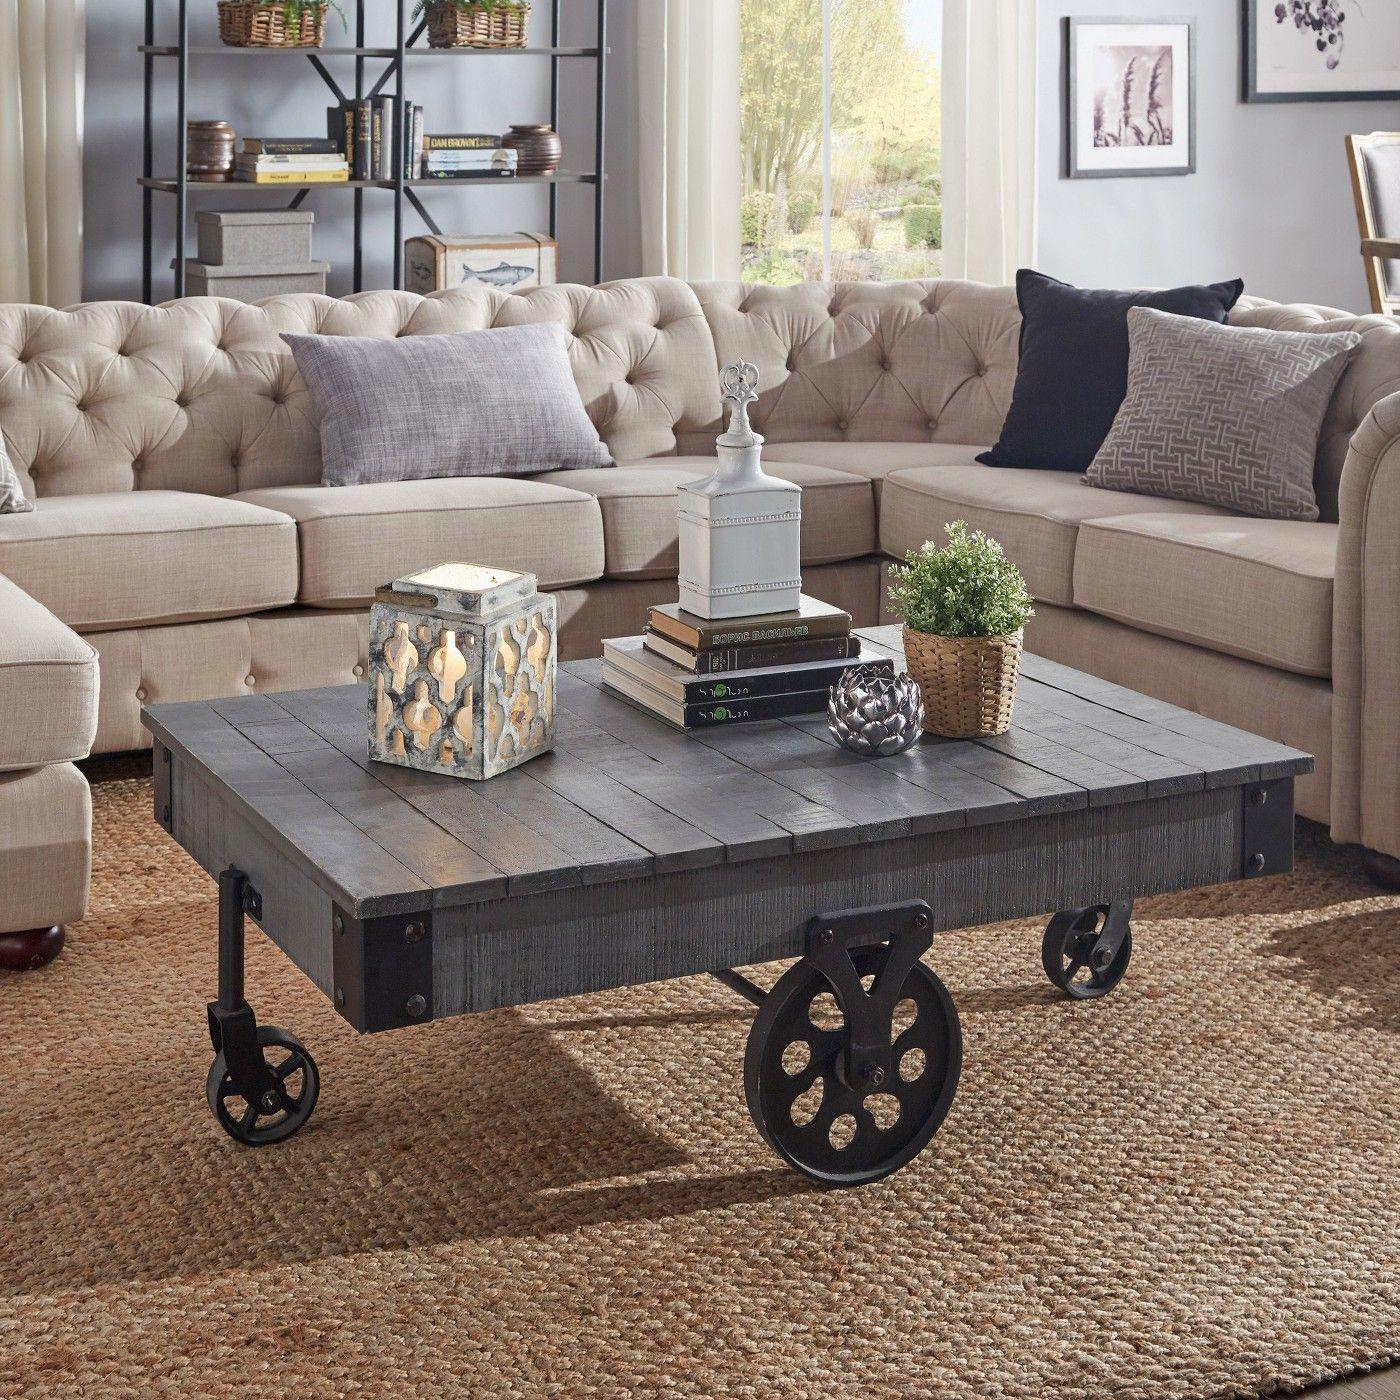 Wood Silas Storage Coffee Table Couchtisch Metall Couchtische Dekorieren Couchtisch Mit Schublade [ 2000 x 2000 Pixel ]